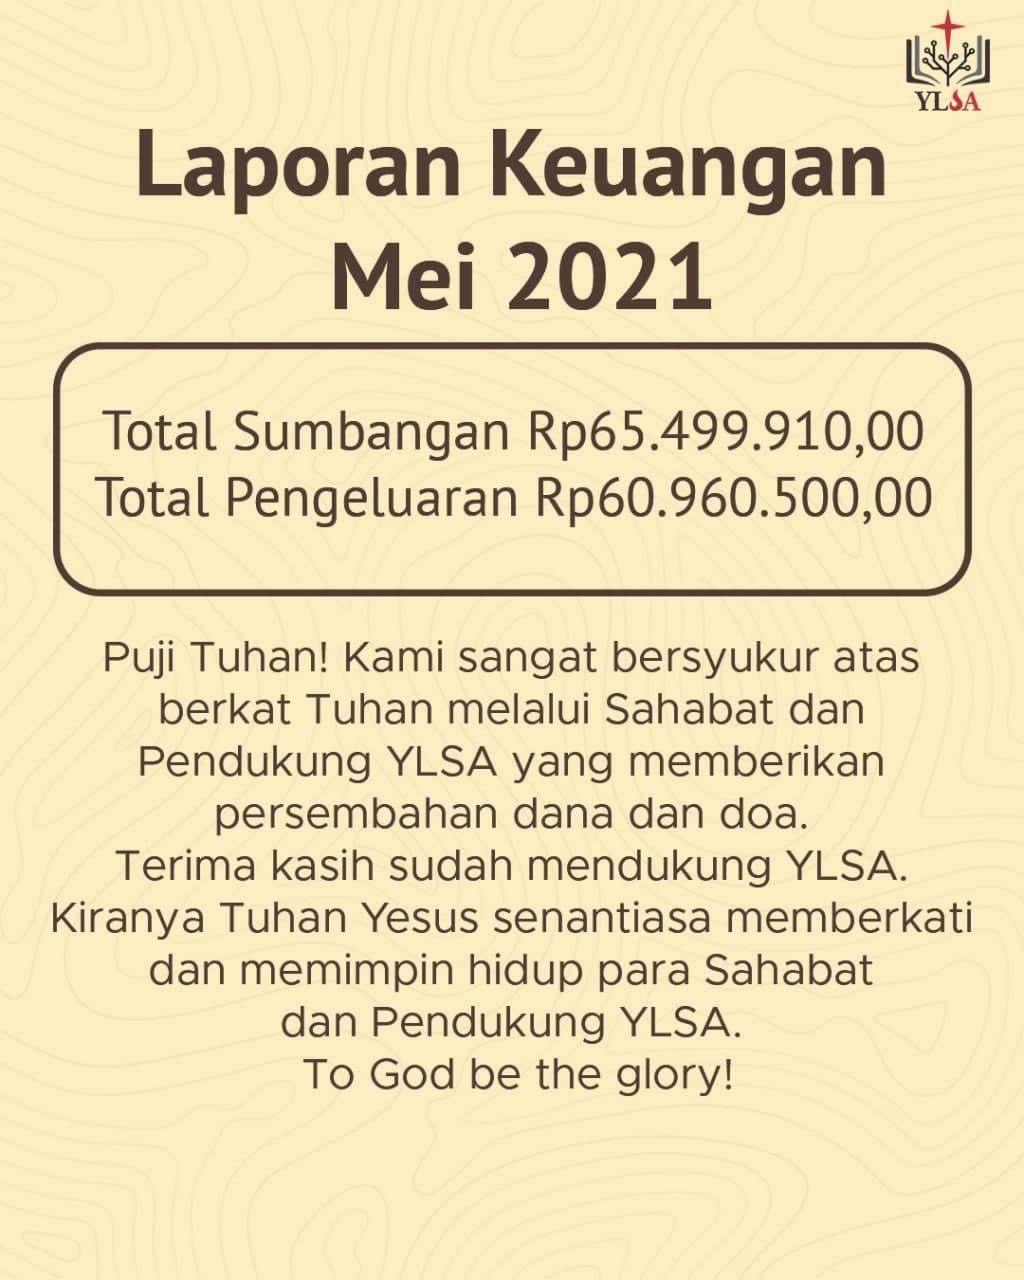 Laporan keuangan YLSA Mei 2021.